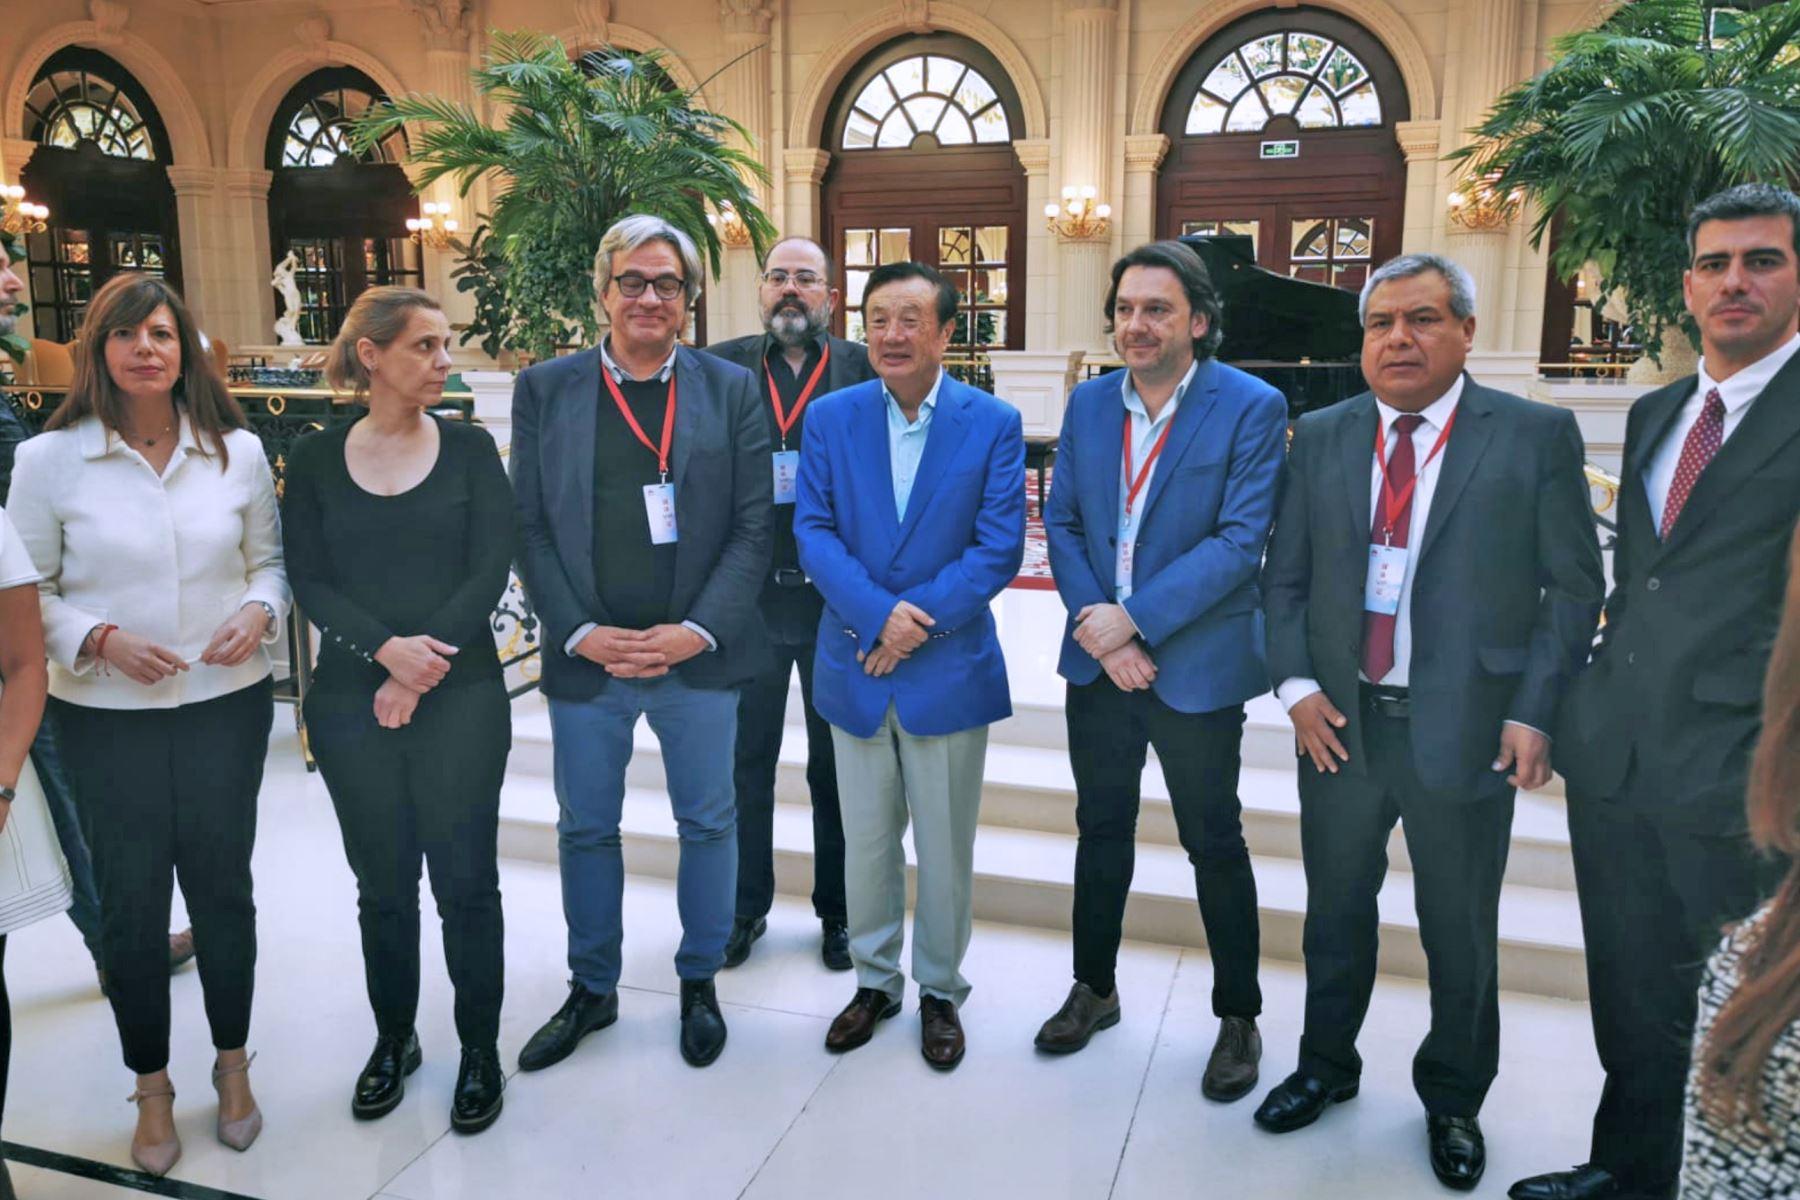 En la conferencia de prensa participaron un grupo de medios de comunicación de España y América Latina, entre ellos el diario El Peruano, como único invitado de la prensa peruana. Foto: ANDINA